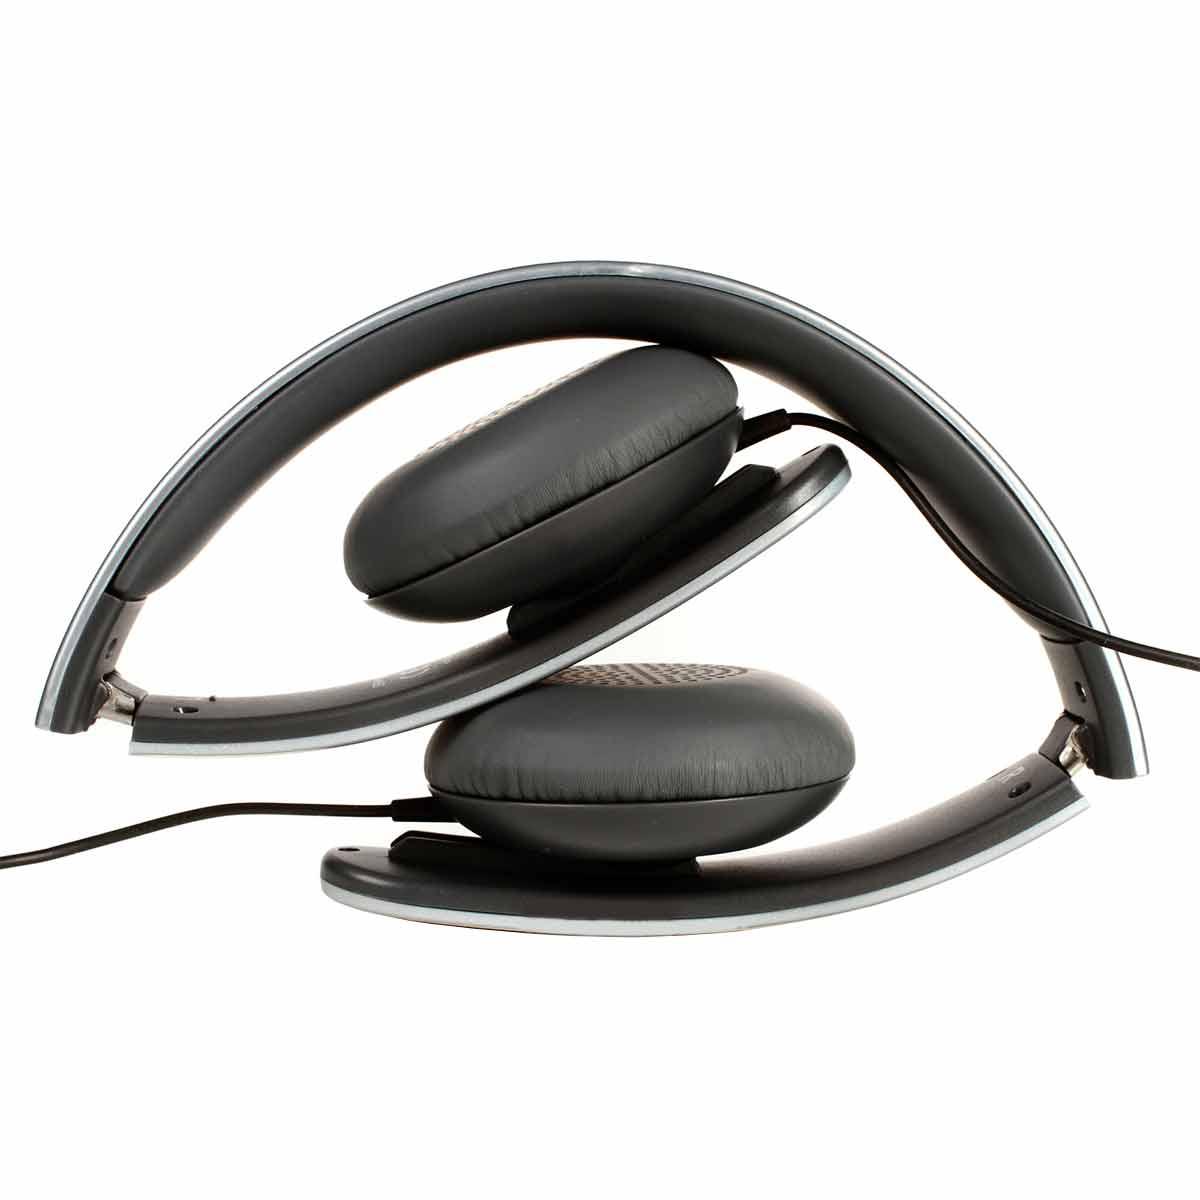 SRH145M+ - Fone de Ouvido On-ear SRH 145 M+ - Shure